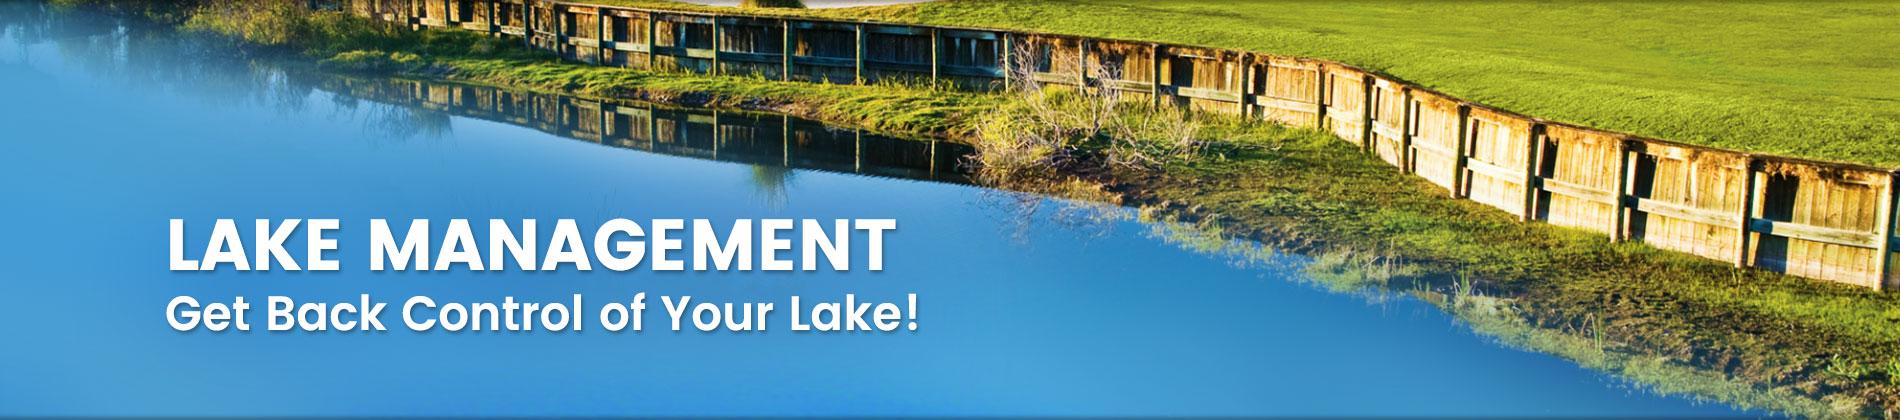 Lake Management in DeLand, FL